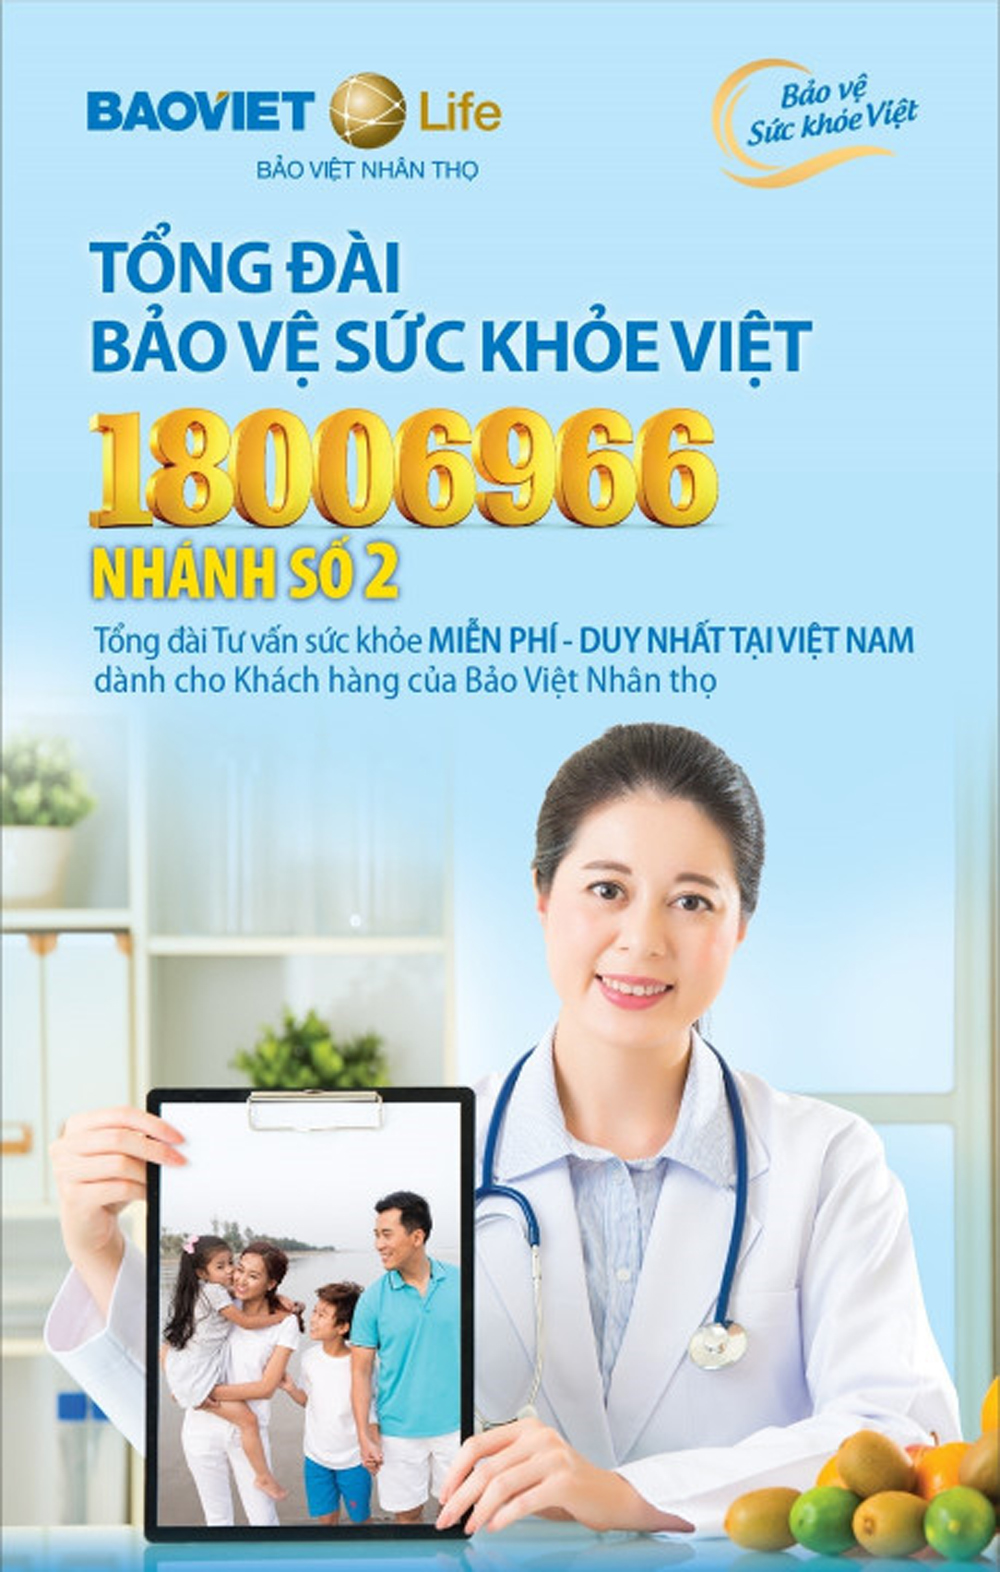 Bảo việt nhân thọ, Bắc Giang,  quyền lợi bảo hiểm, khách hàng, rủi ro trong cuộc sống